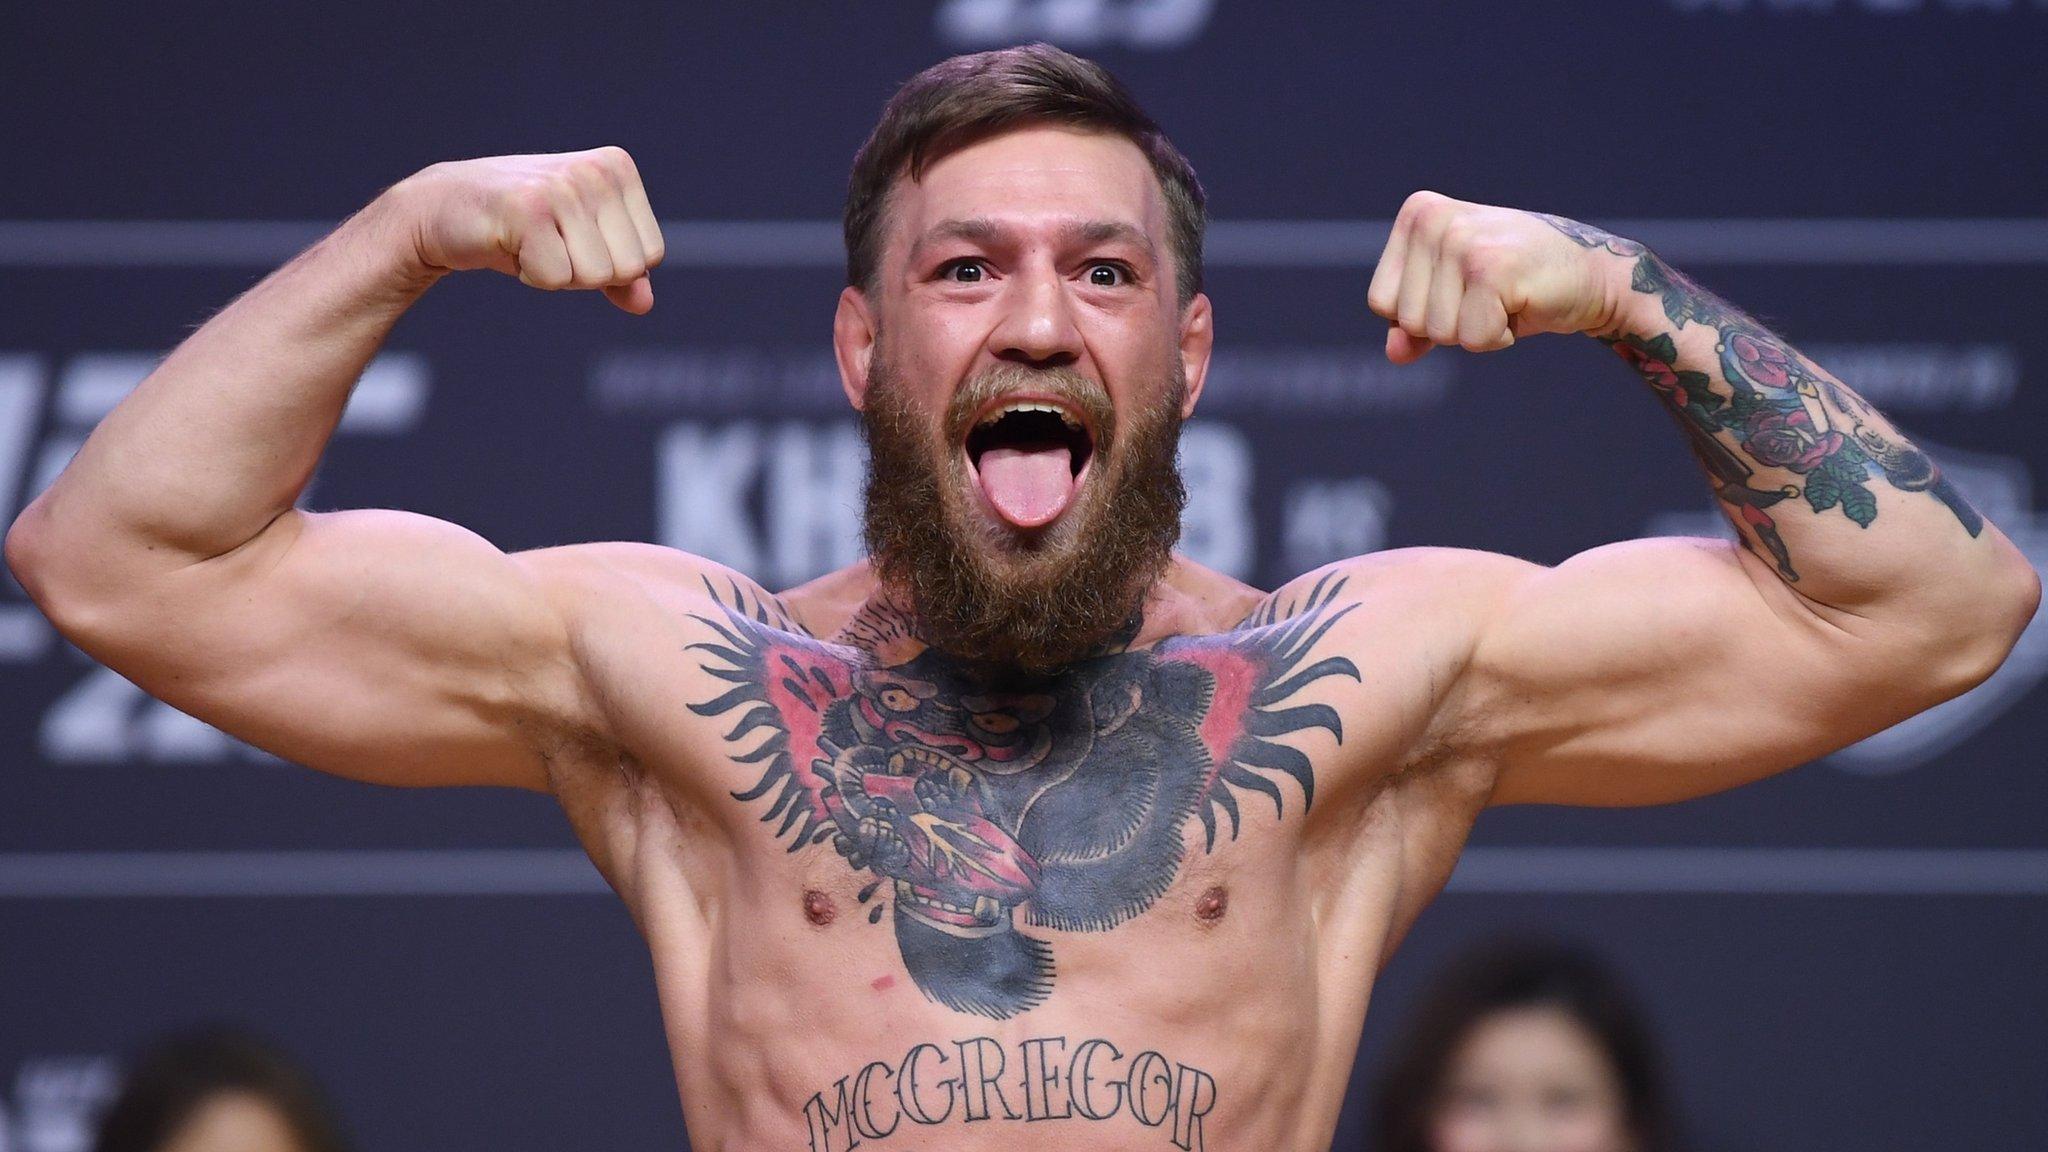 Conor McGregor retires: Legitimate or leverage for UFC fighter?